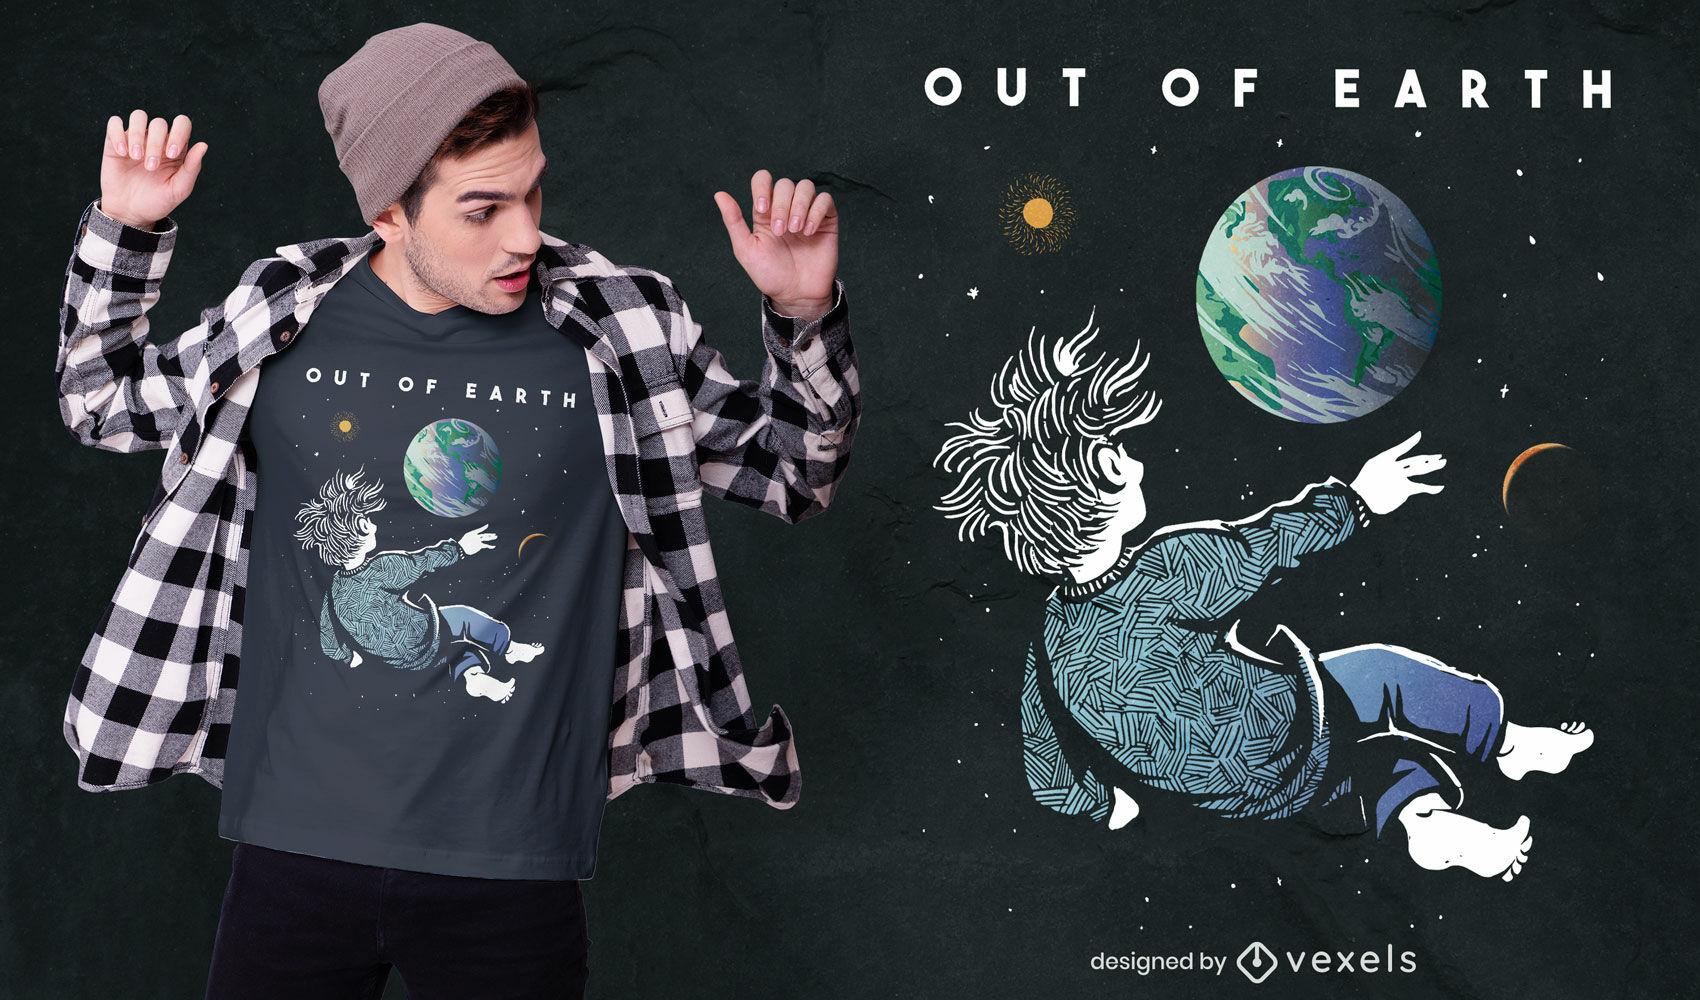 Diseño de camiseta mirando la Tierra desde el espacio.